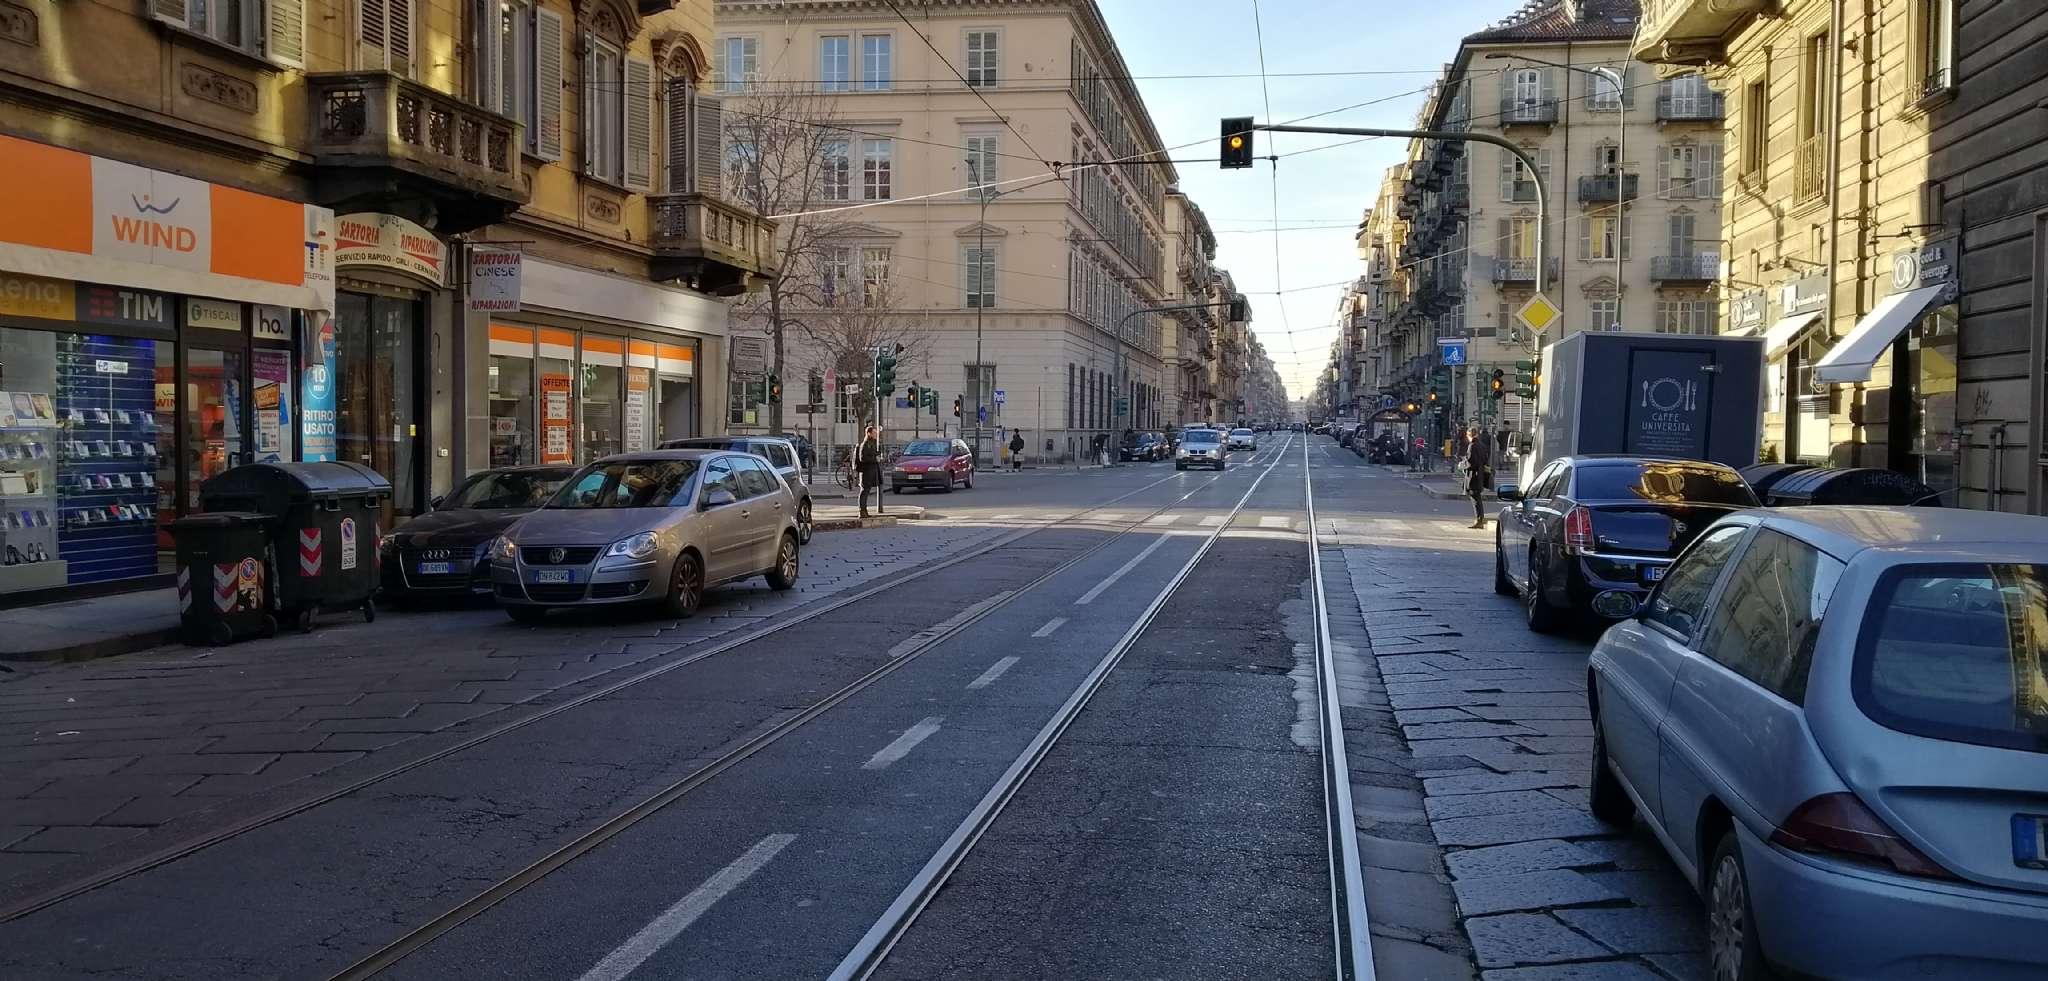 Negozio / Locale in affitto a Torino, 2 locali, zona San Salvario, Parco del Valentino, prezzo € 900   PortaleAgenzieImmobiliari.it